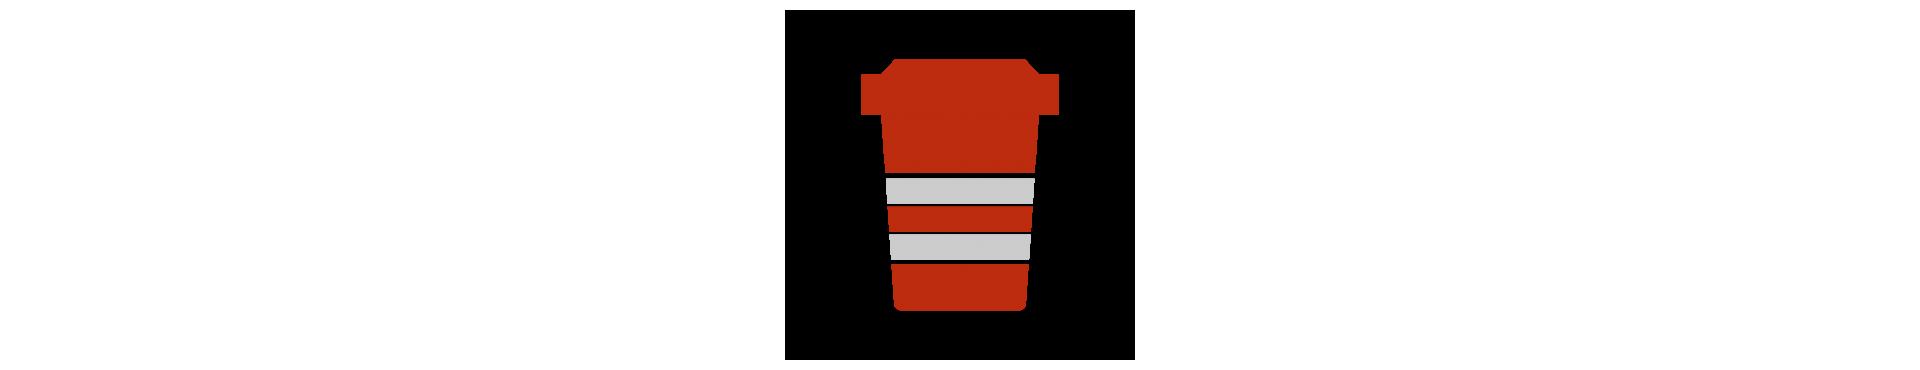 Tazze da tè e tazzine da caffè Legami